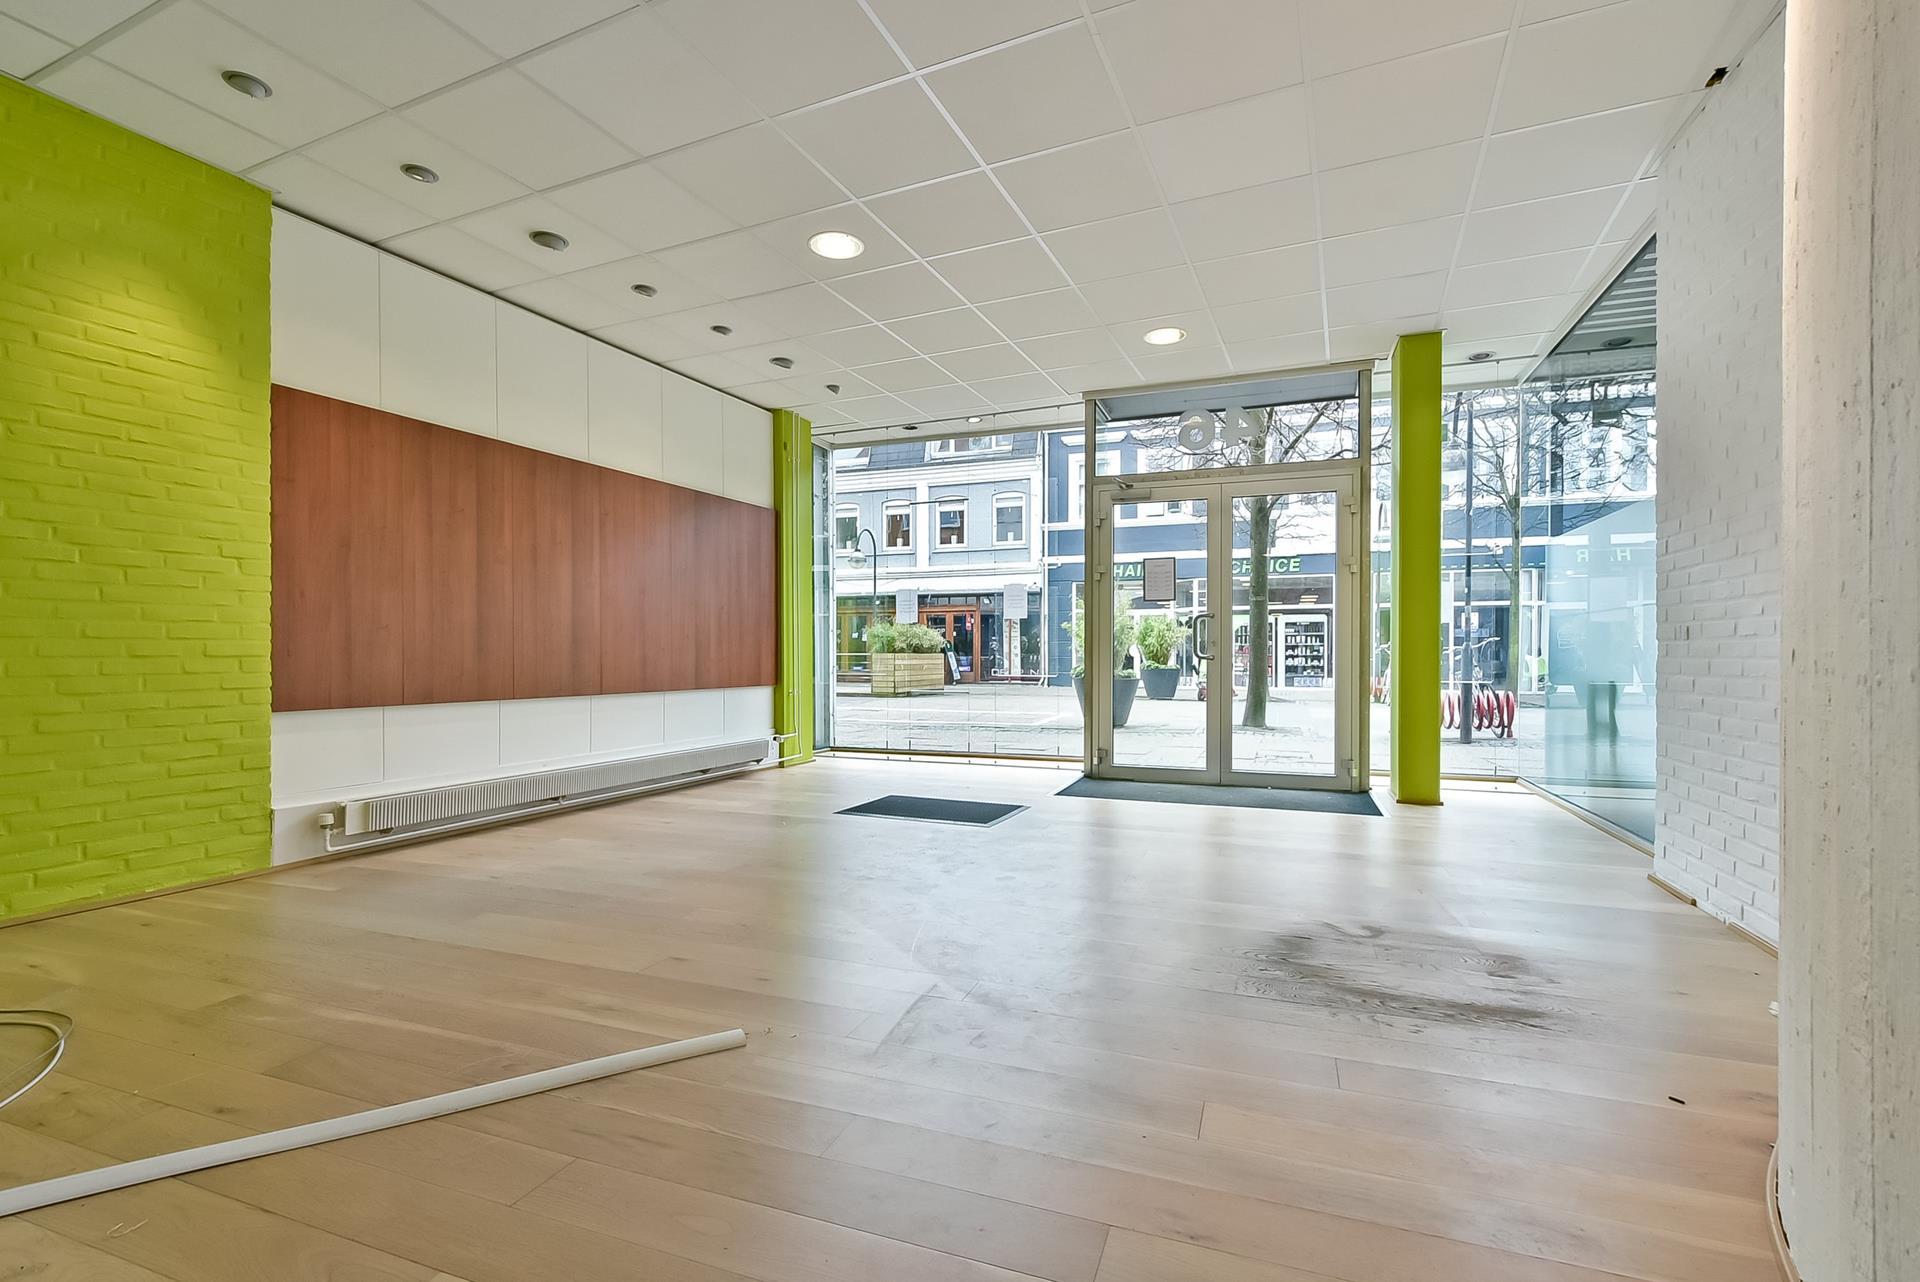 Bolig/erhverv på Bredgade i Herning - Butikslokale